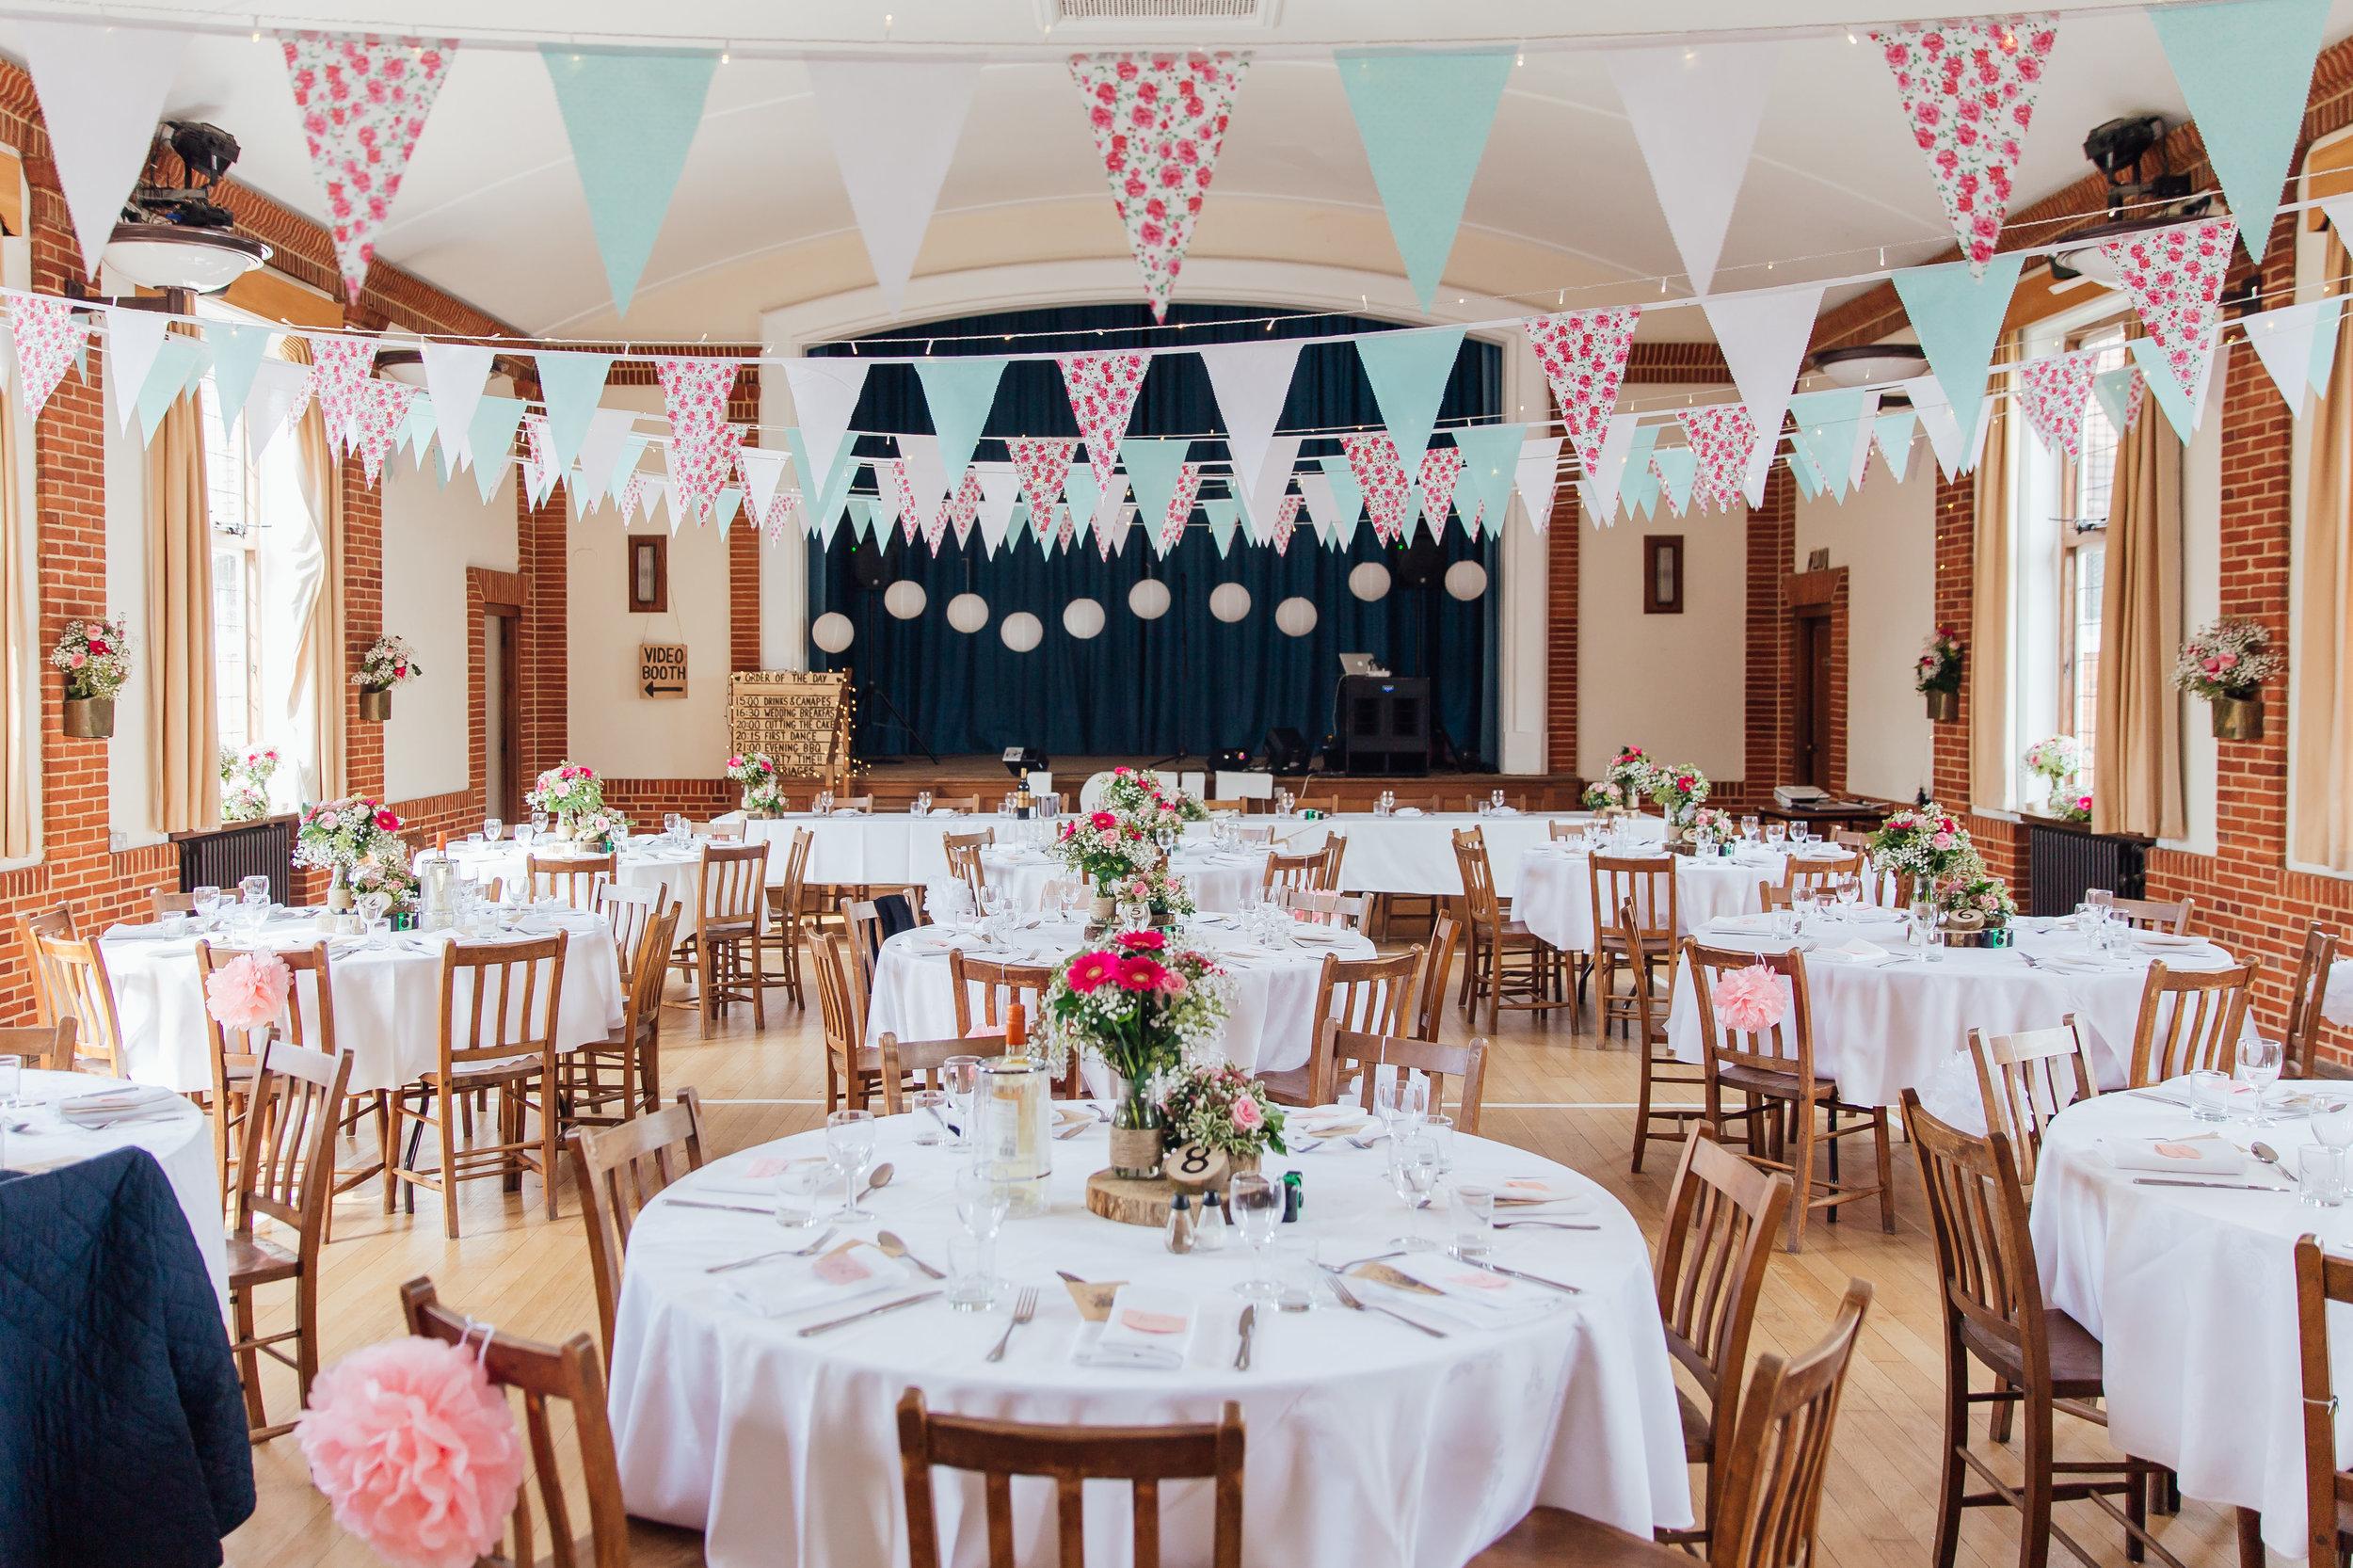 Hampshire-wedding-photographer : hampshire-village-hall-wedding : rotherwick-village-hall-wedding : wedding-photographer-hampshire : amy-james-photography : natural-wedding-photographer-hampshire : wedding-photographer-hampshire-475.jpg